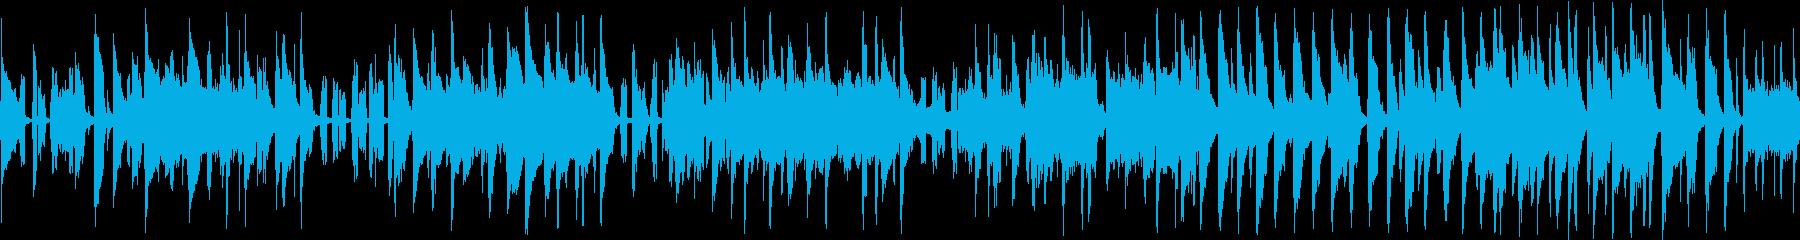 ほのぼのとしてコミカルなジャズチューン…の再生済みの波形